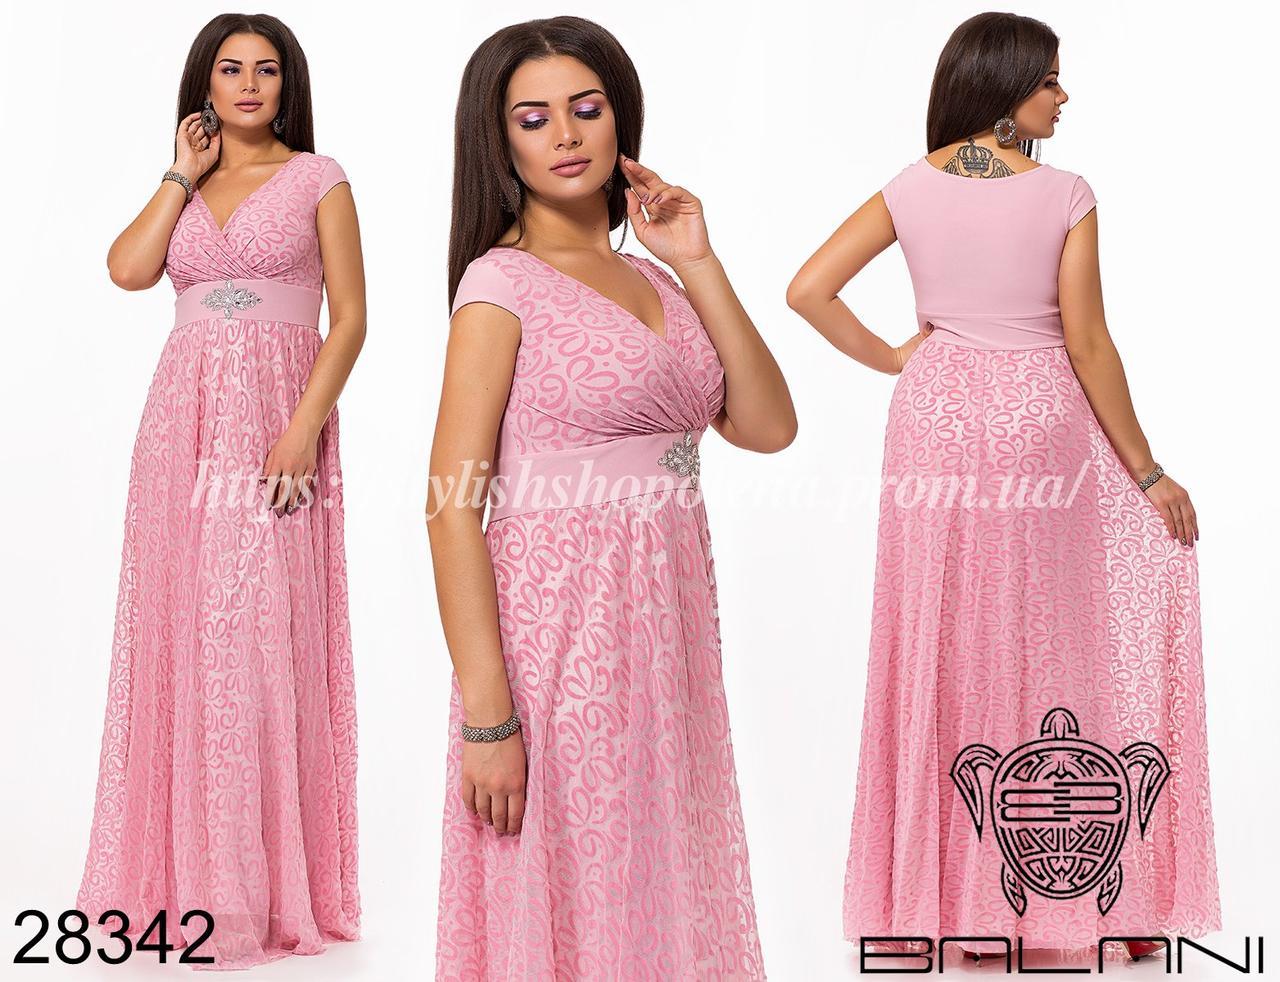 bef1470ae88 Платье в пол с завышенной талией - «STYLISHSHOPOLENA Интернет-магазин  женской одежды OLENA»